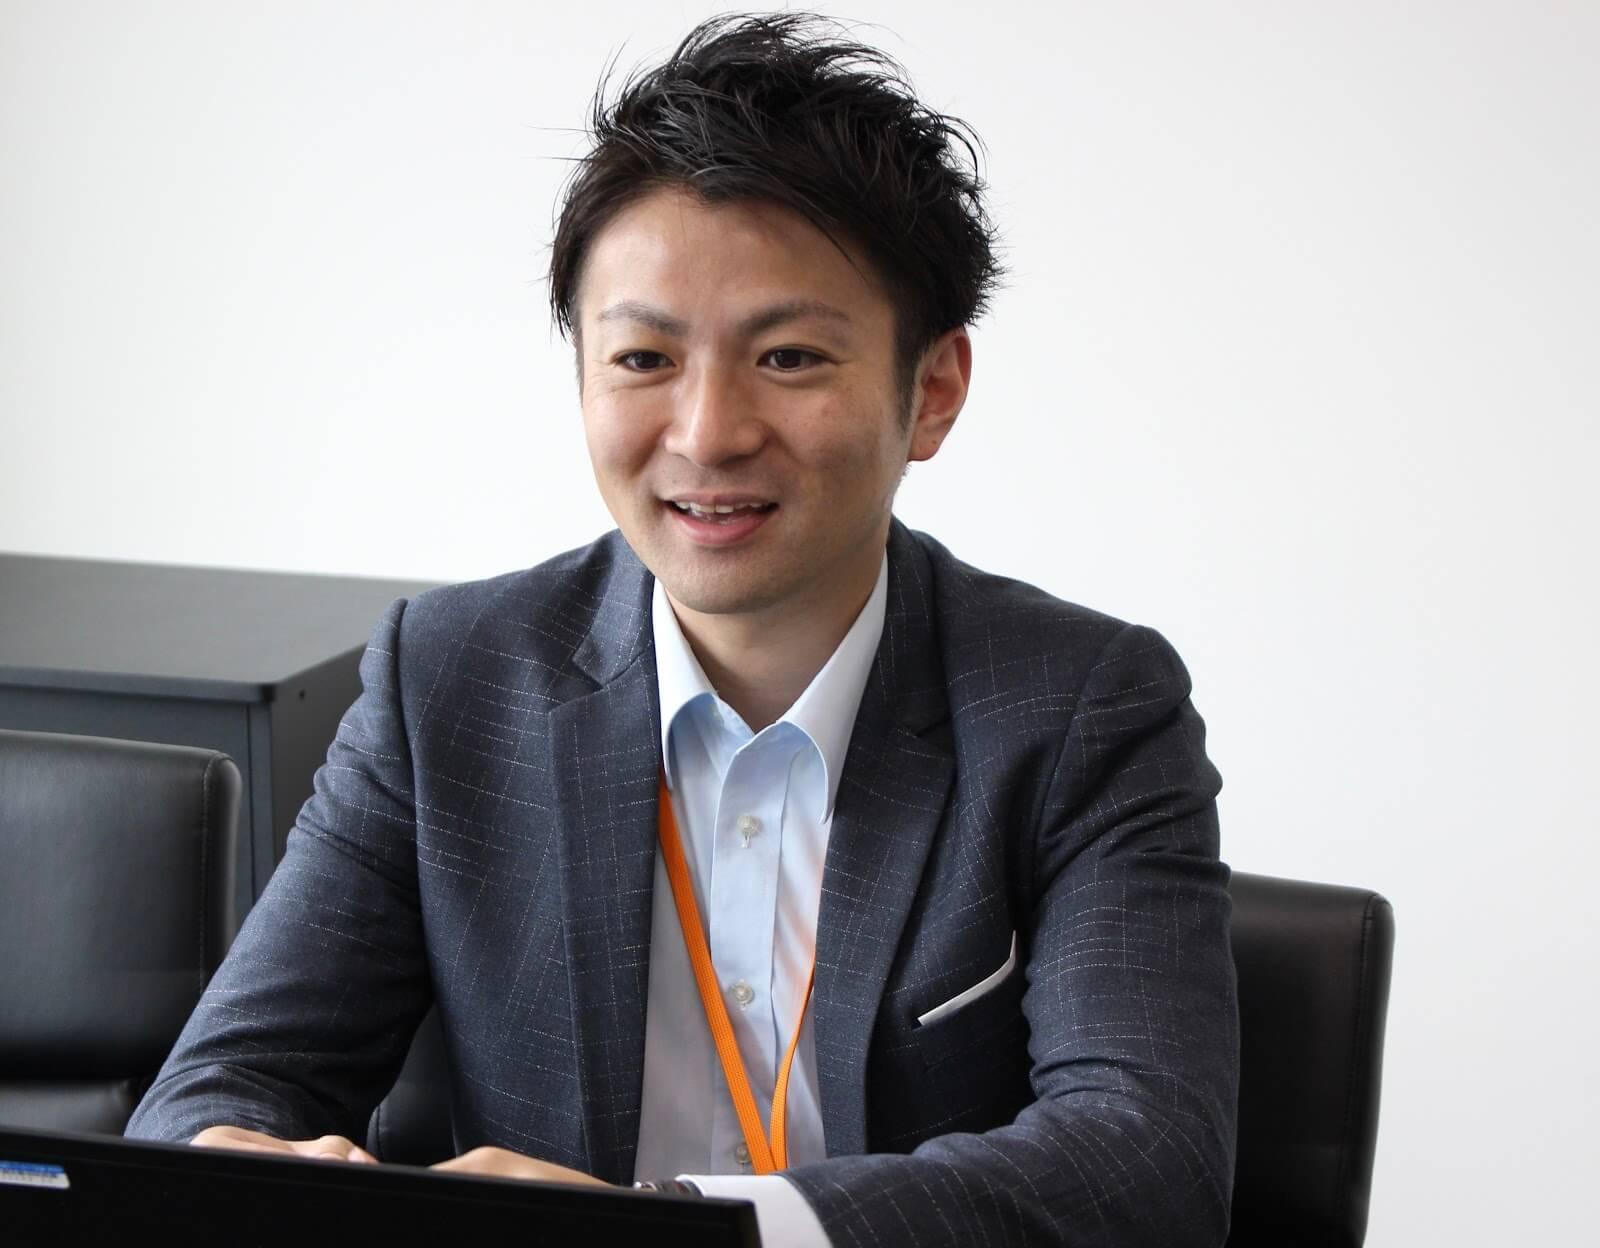 取材をうける株式会社メディカルシステムネットワークの鈴木達彦さん